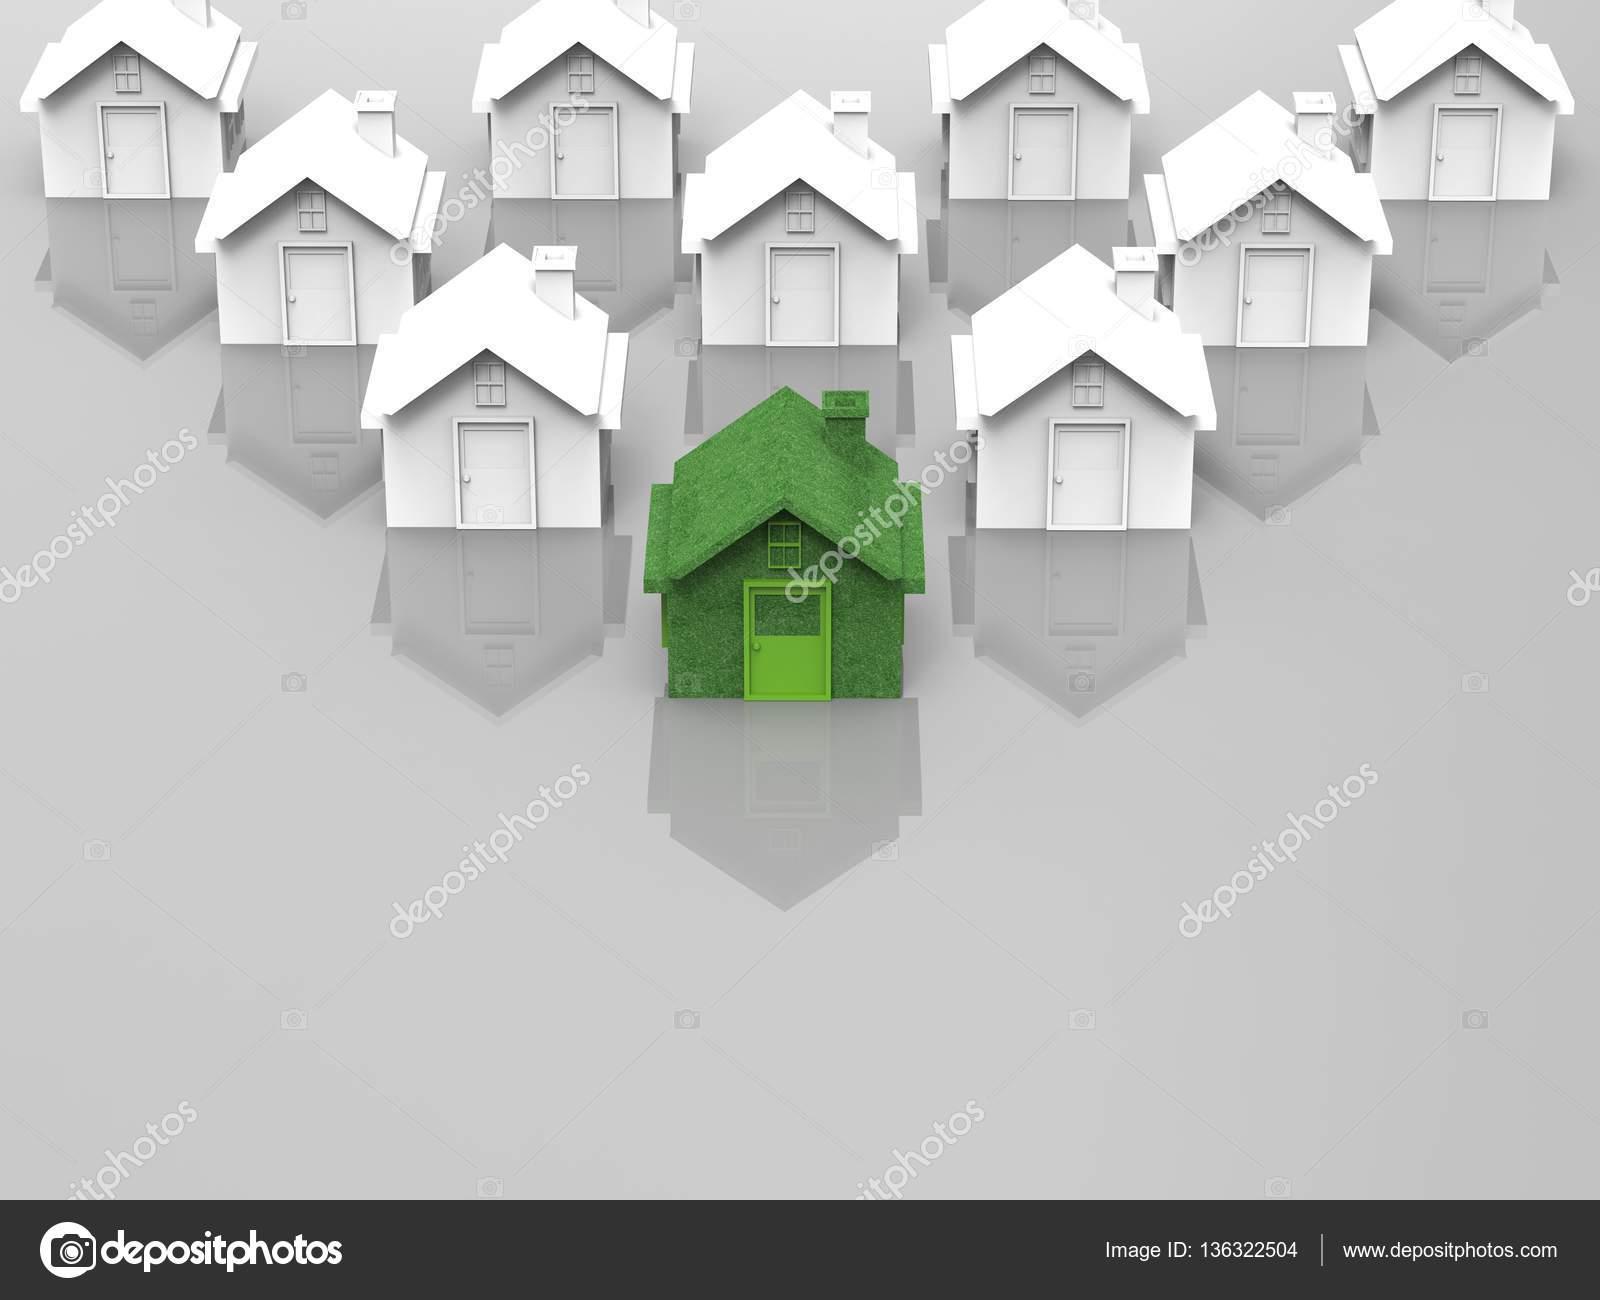 Maison verte en face du village de la maison blanche image de phonlamai